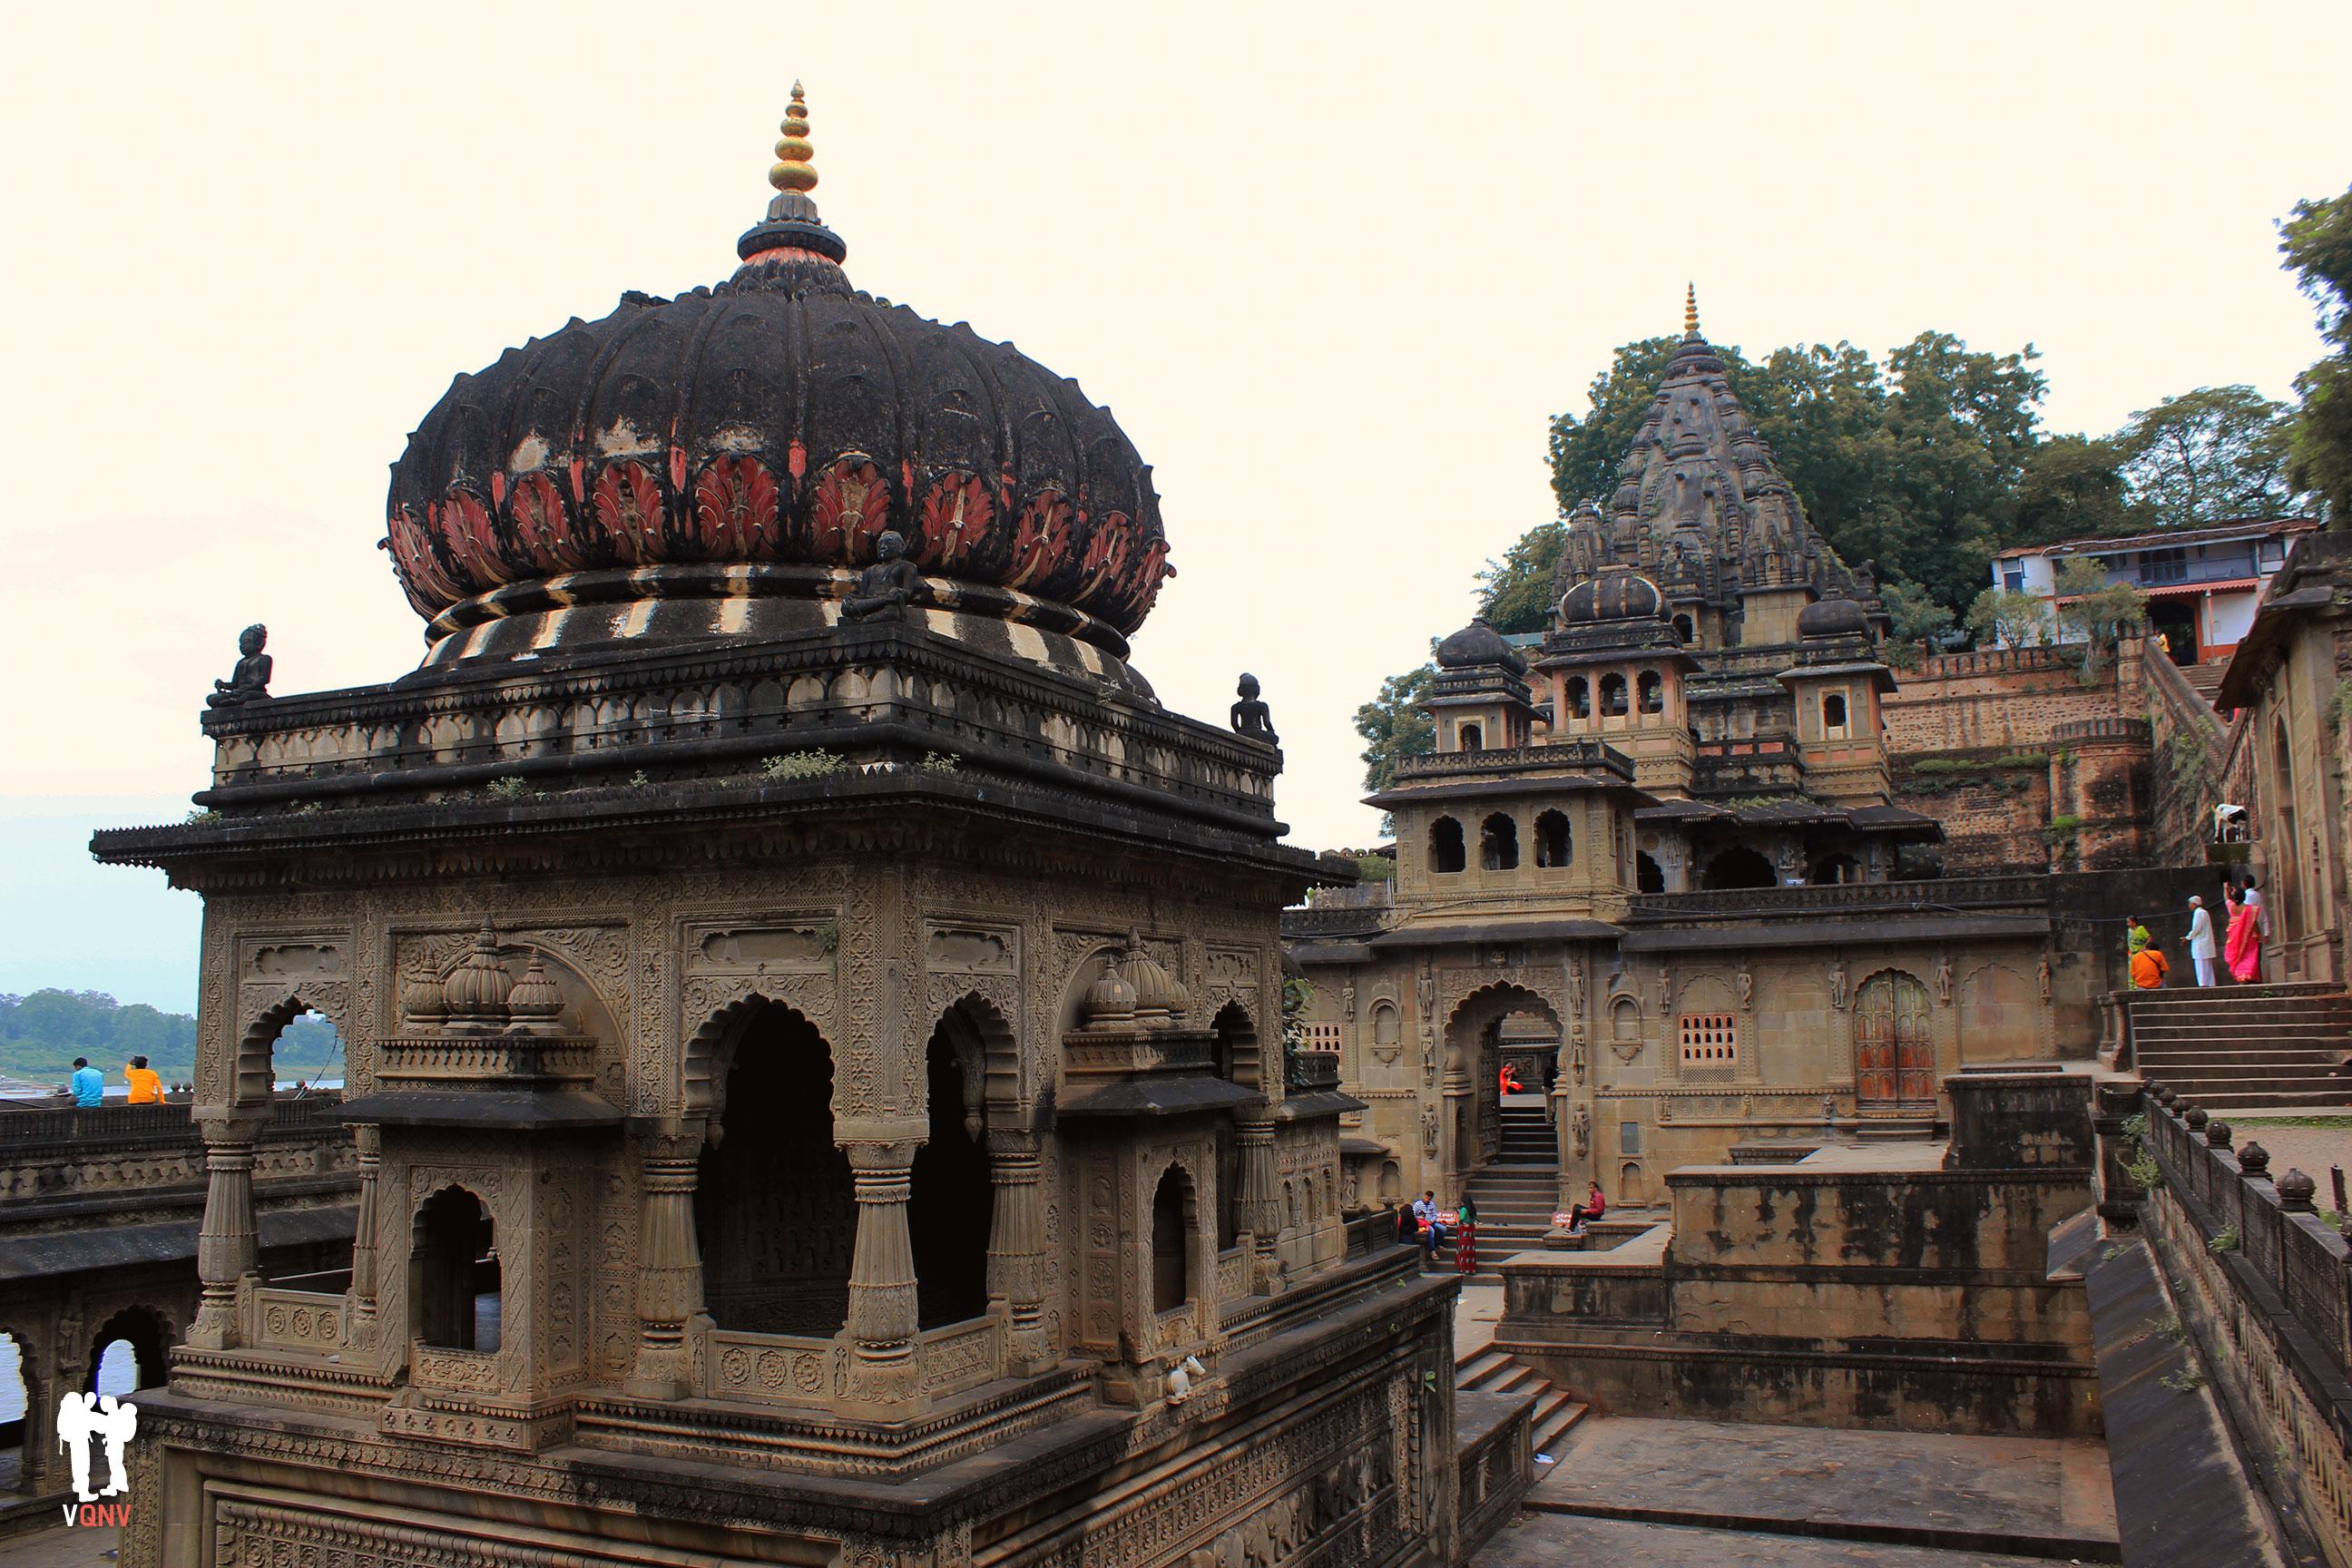 Templos dentro de la muralla cercanos al palacio